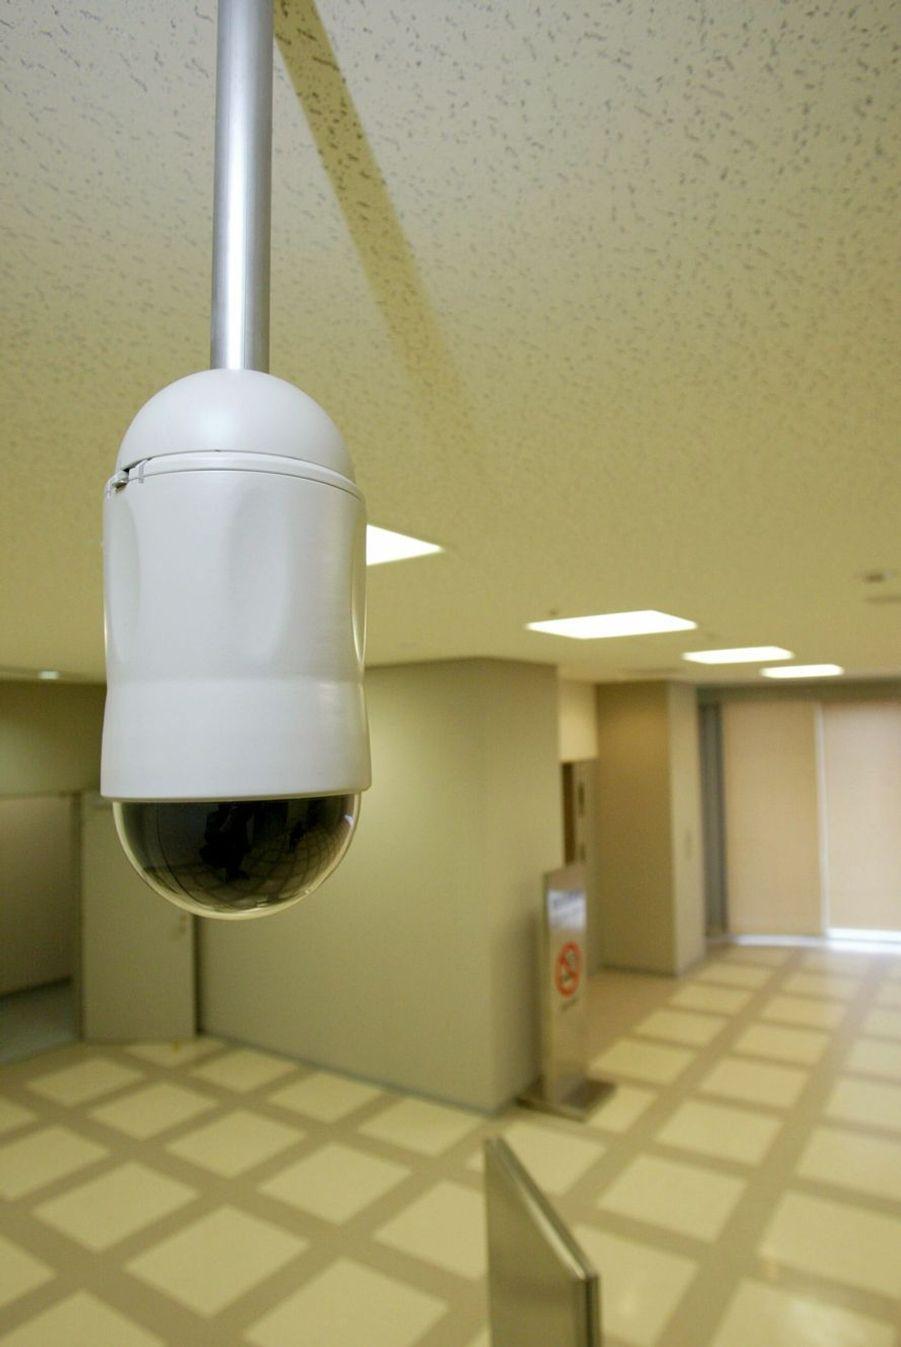 Caméra de surveillance du centre de détention de l'arrondissement de Katsushika à Tokyo.